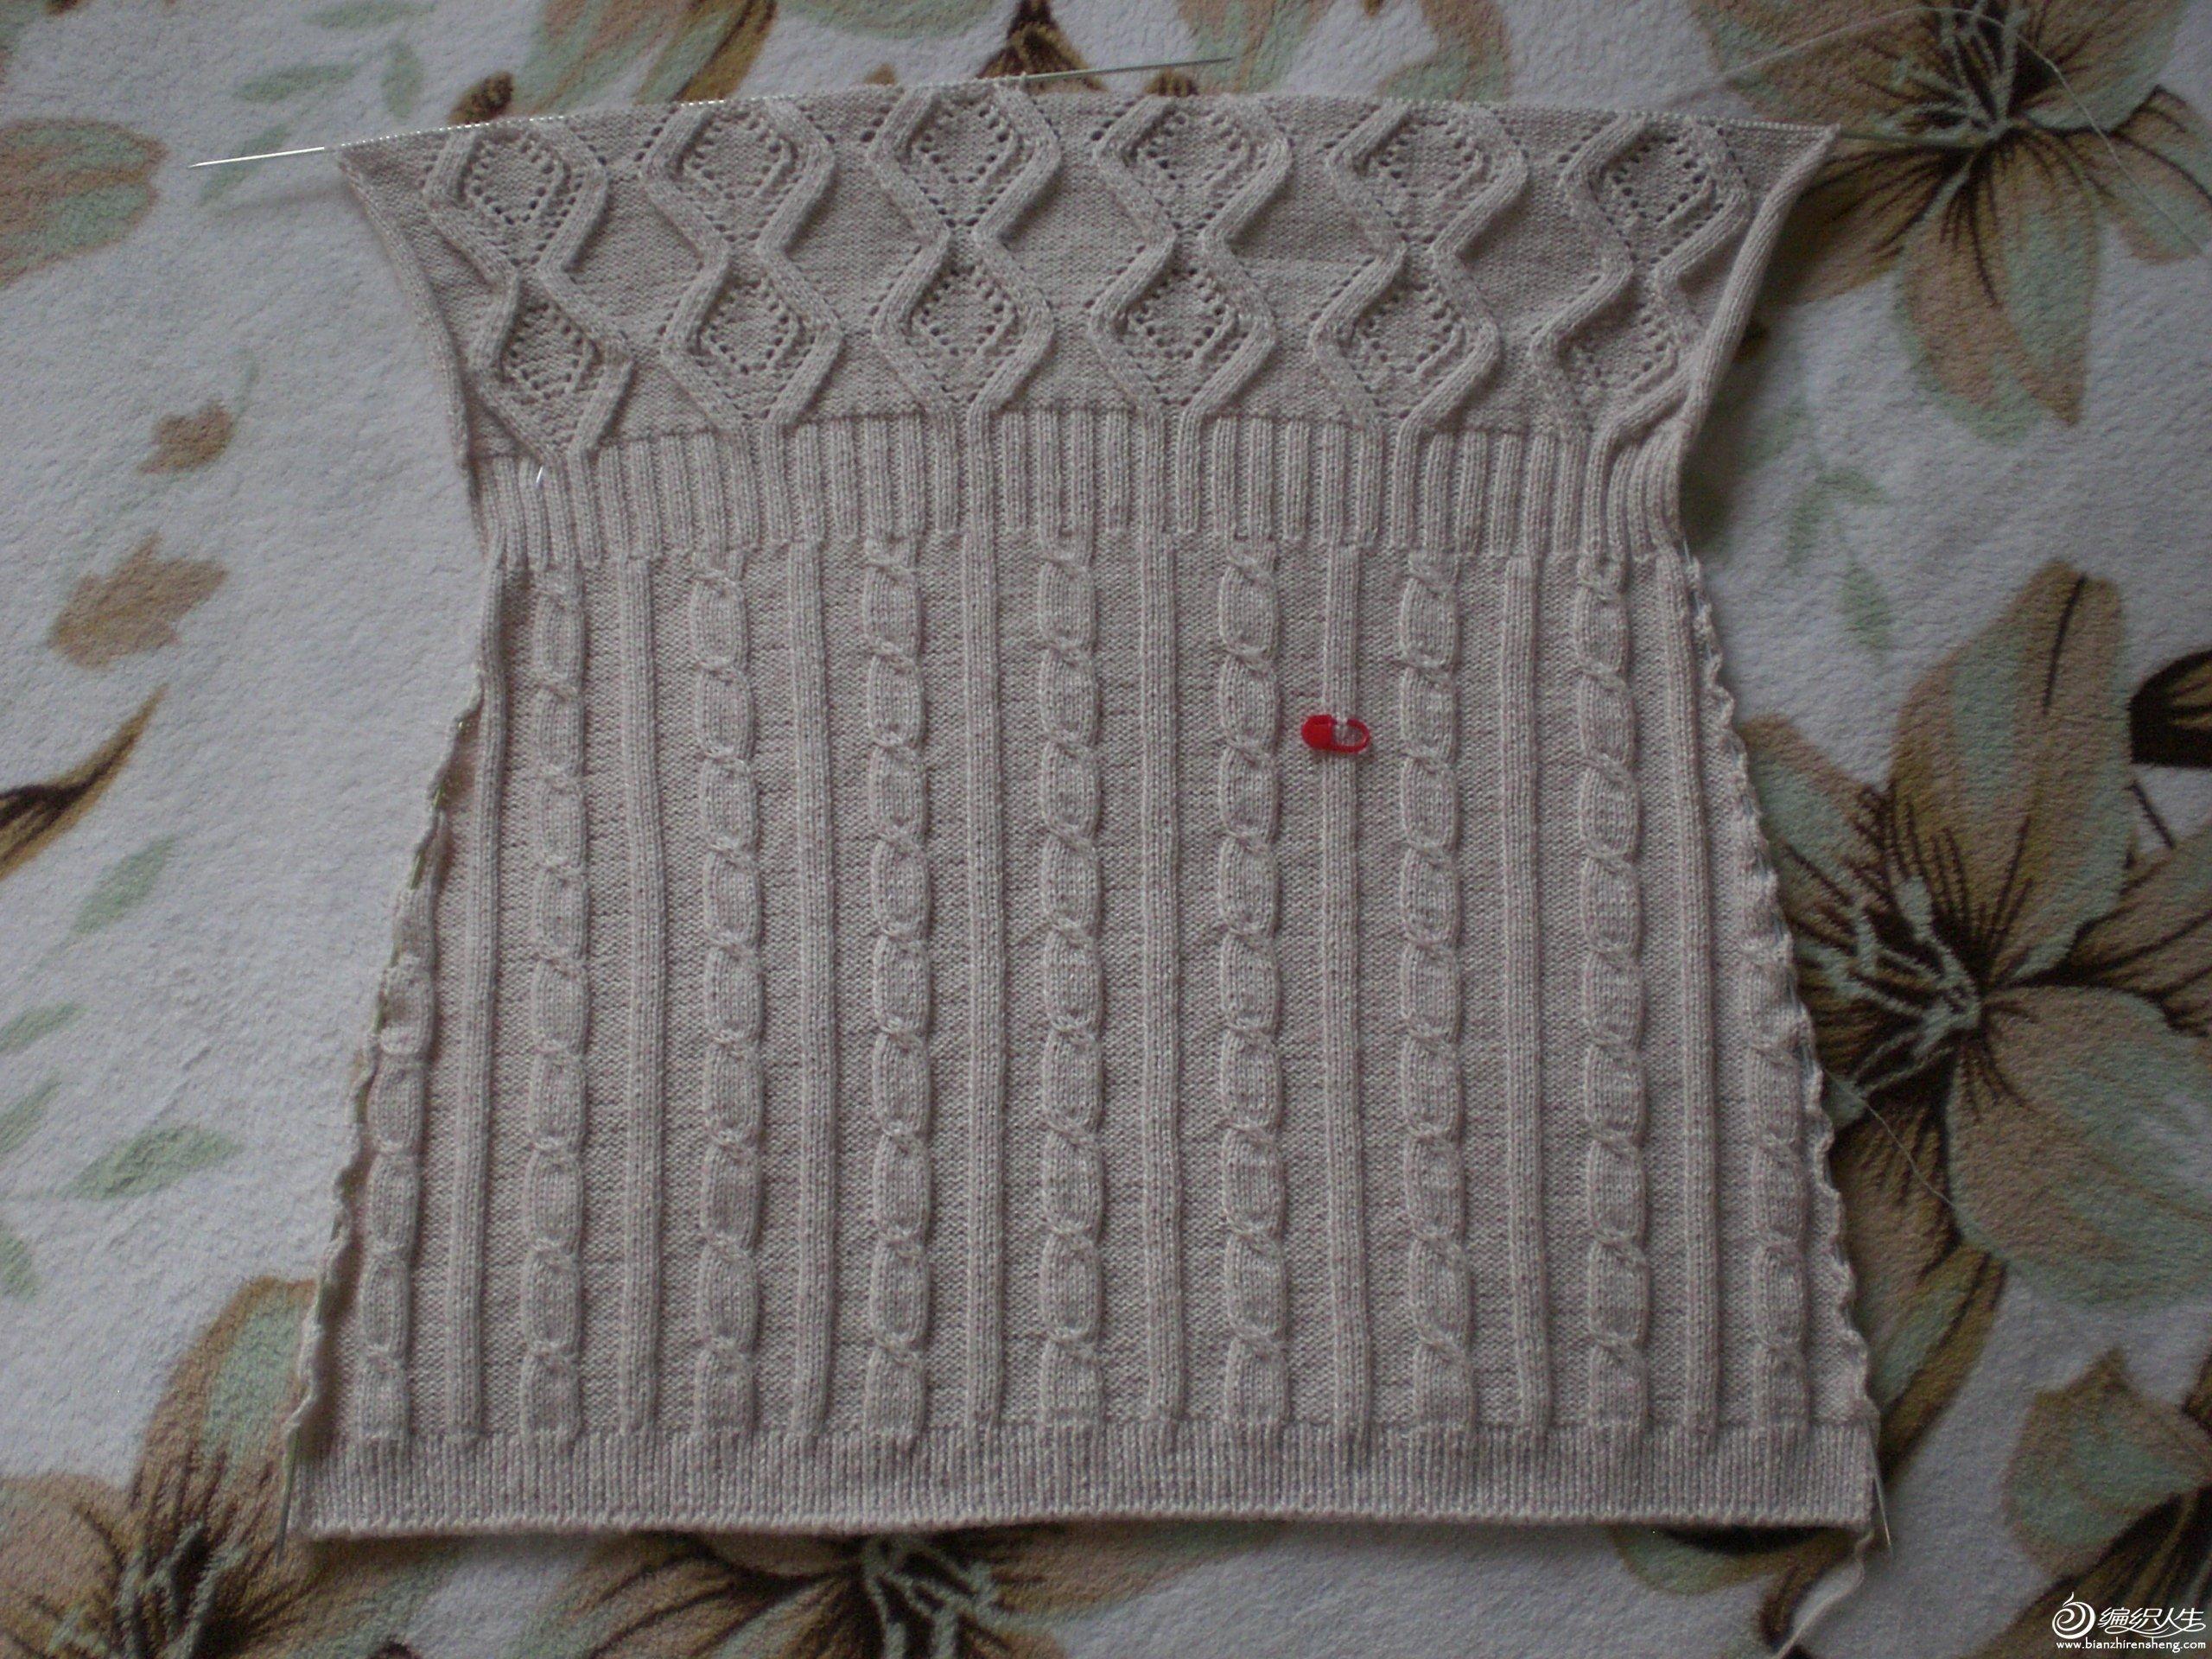 本帖最后由 赤道玫瑰 于 2012-9-16 23:22 编辑 北京的金色9月,秋风送爽。10月中下旬,开始大风降温,女士蓝的纯毛线己经放了将近20年,一直没想好织什么花样,从Amawang和妍俊发的空间发现了这组镂空花朶,感觉这个图样比较饱滿,先织了件纯棉短袖,感觉不错,现又织了这件长袖开衫,帽子在刮大风时能挡挡灰尘,穿上淡粉打底衫,再配这款外套,不扣钮扣,很有气质,风度。